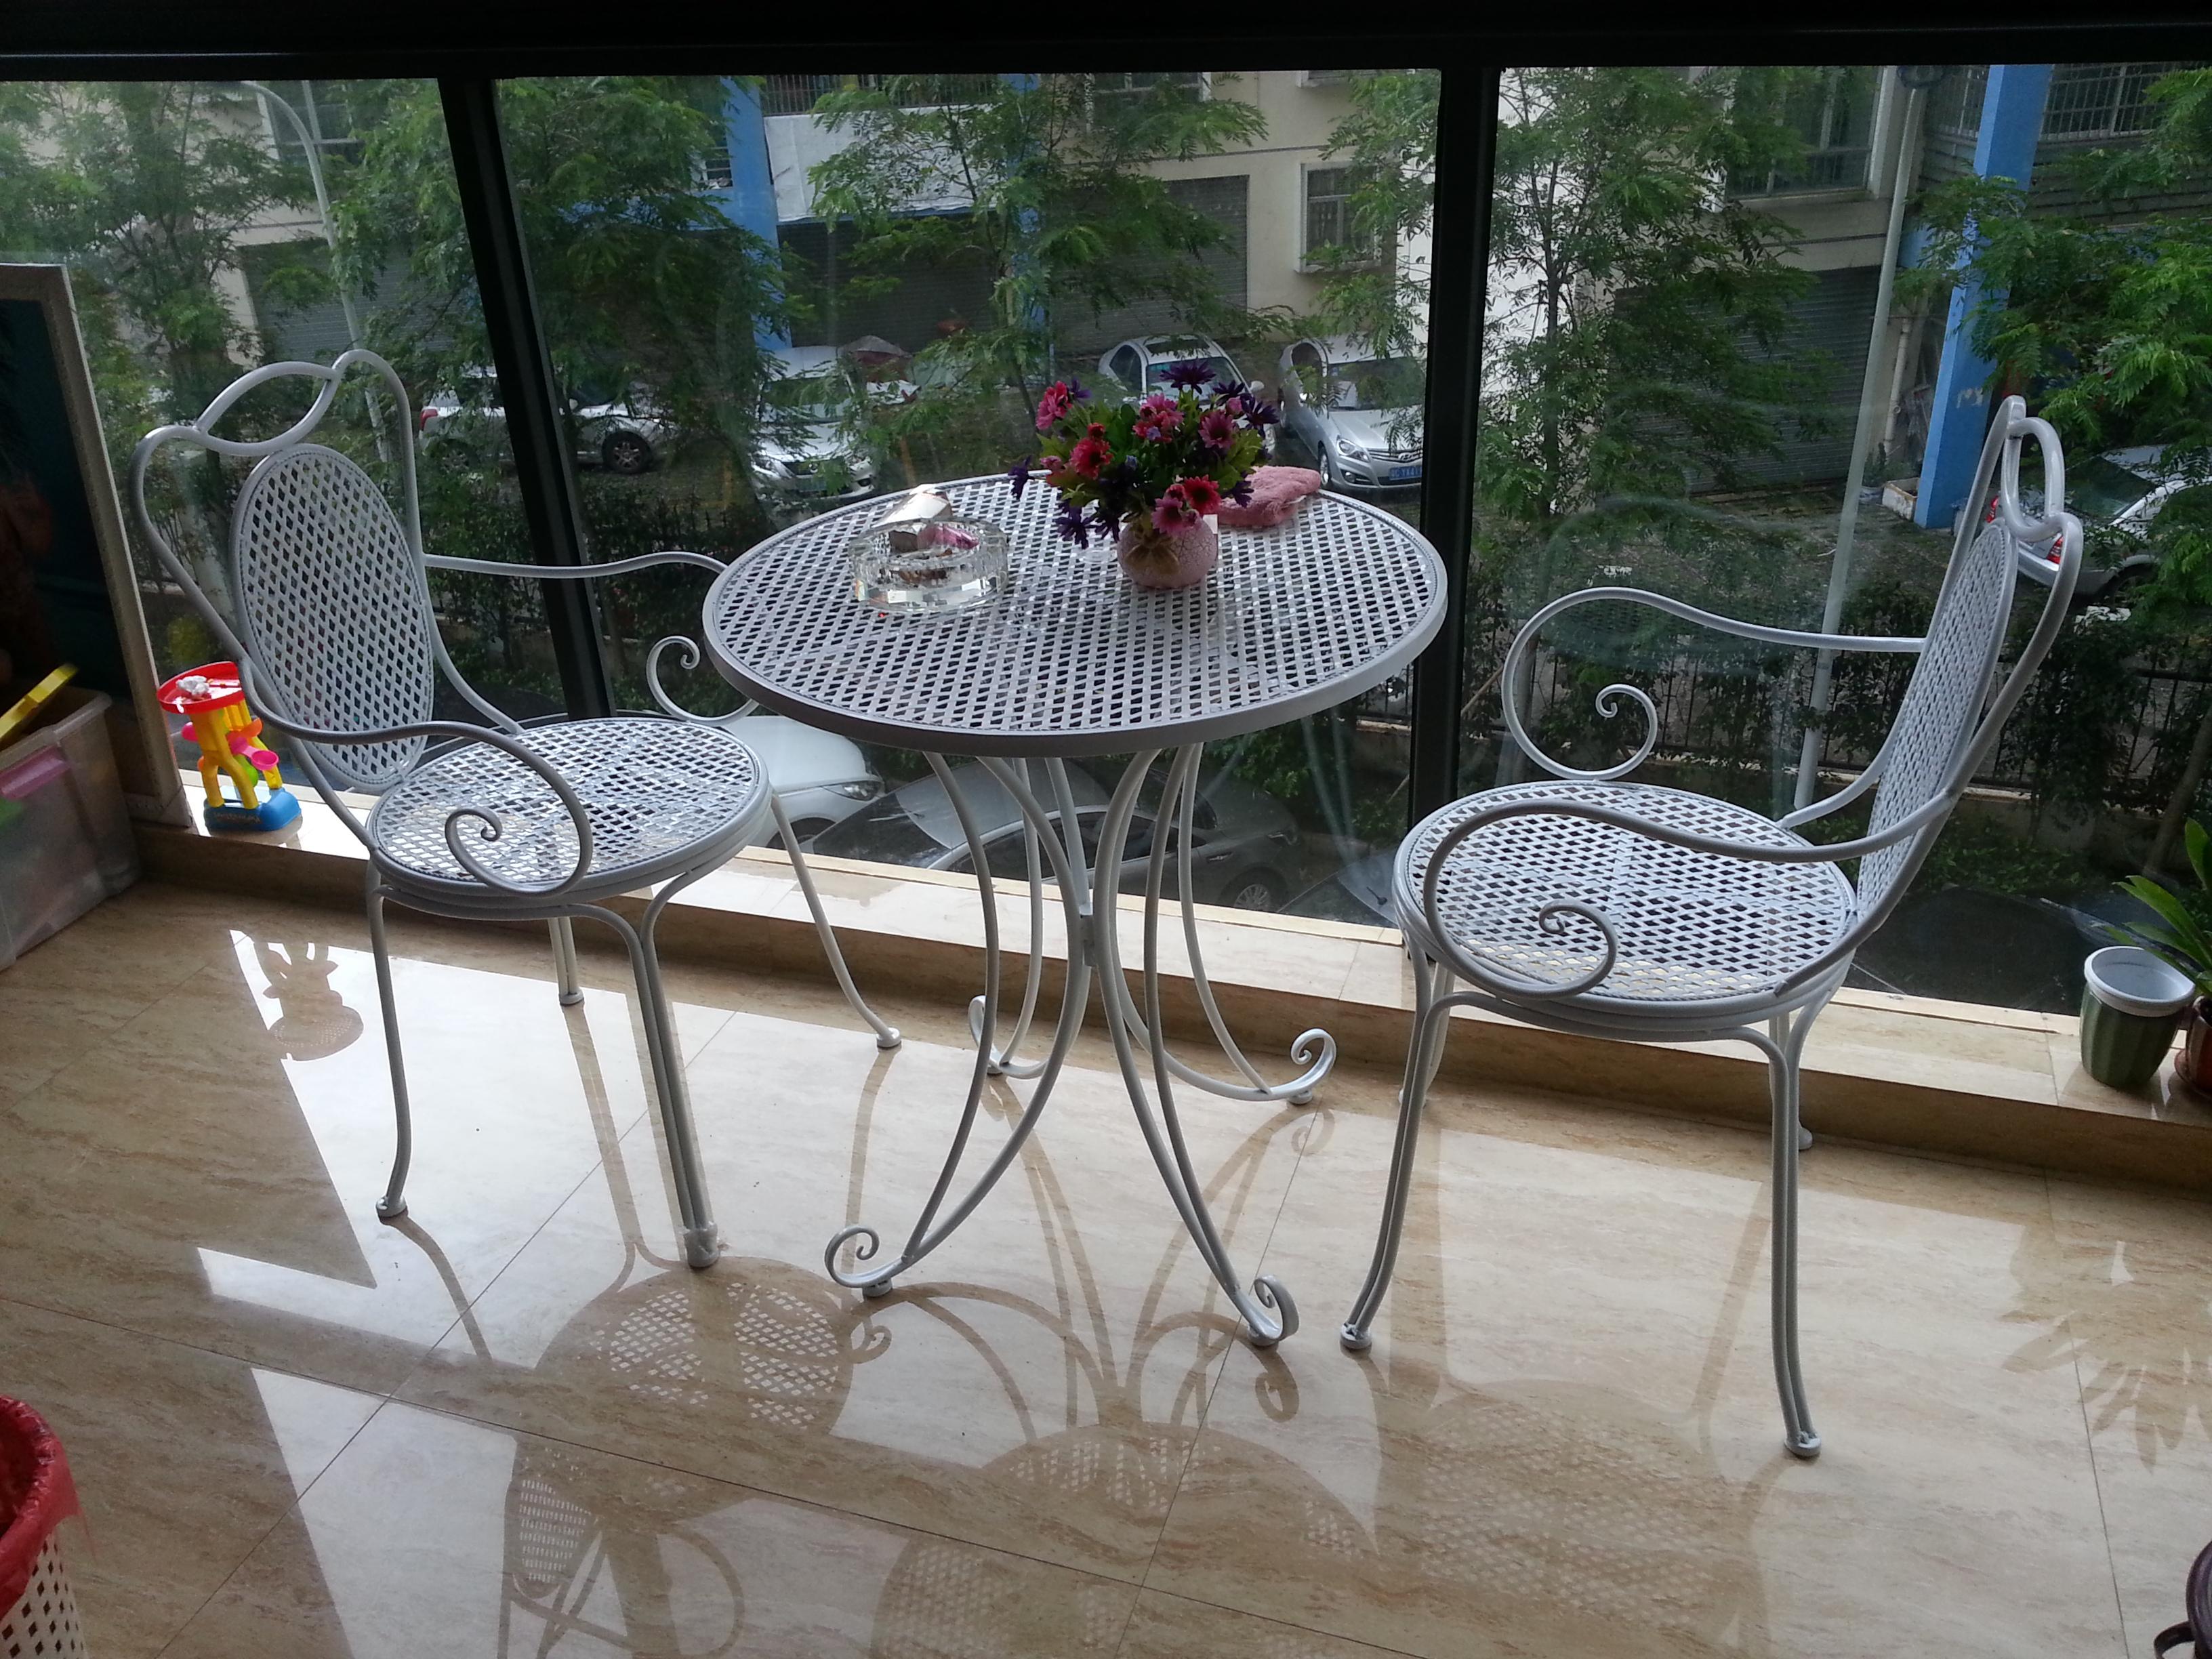 """Стол со стульями на балкон."""" - карточка пользователя kolia.g."""